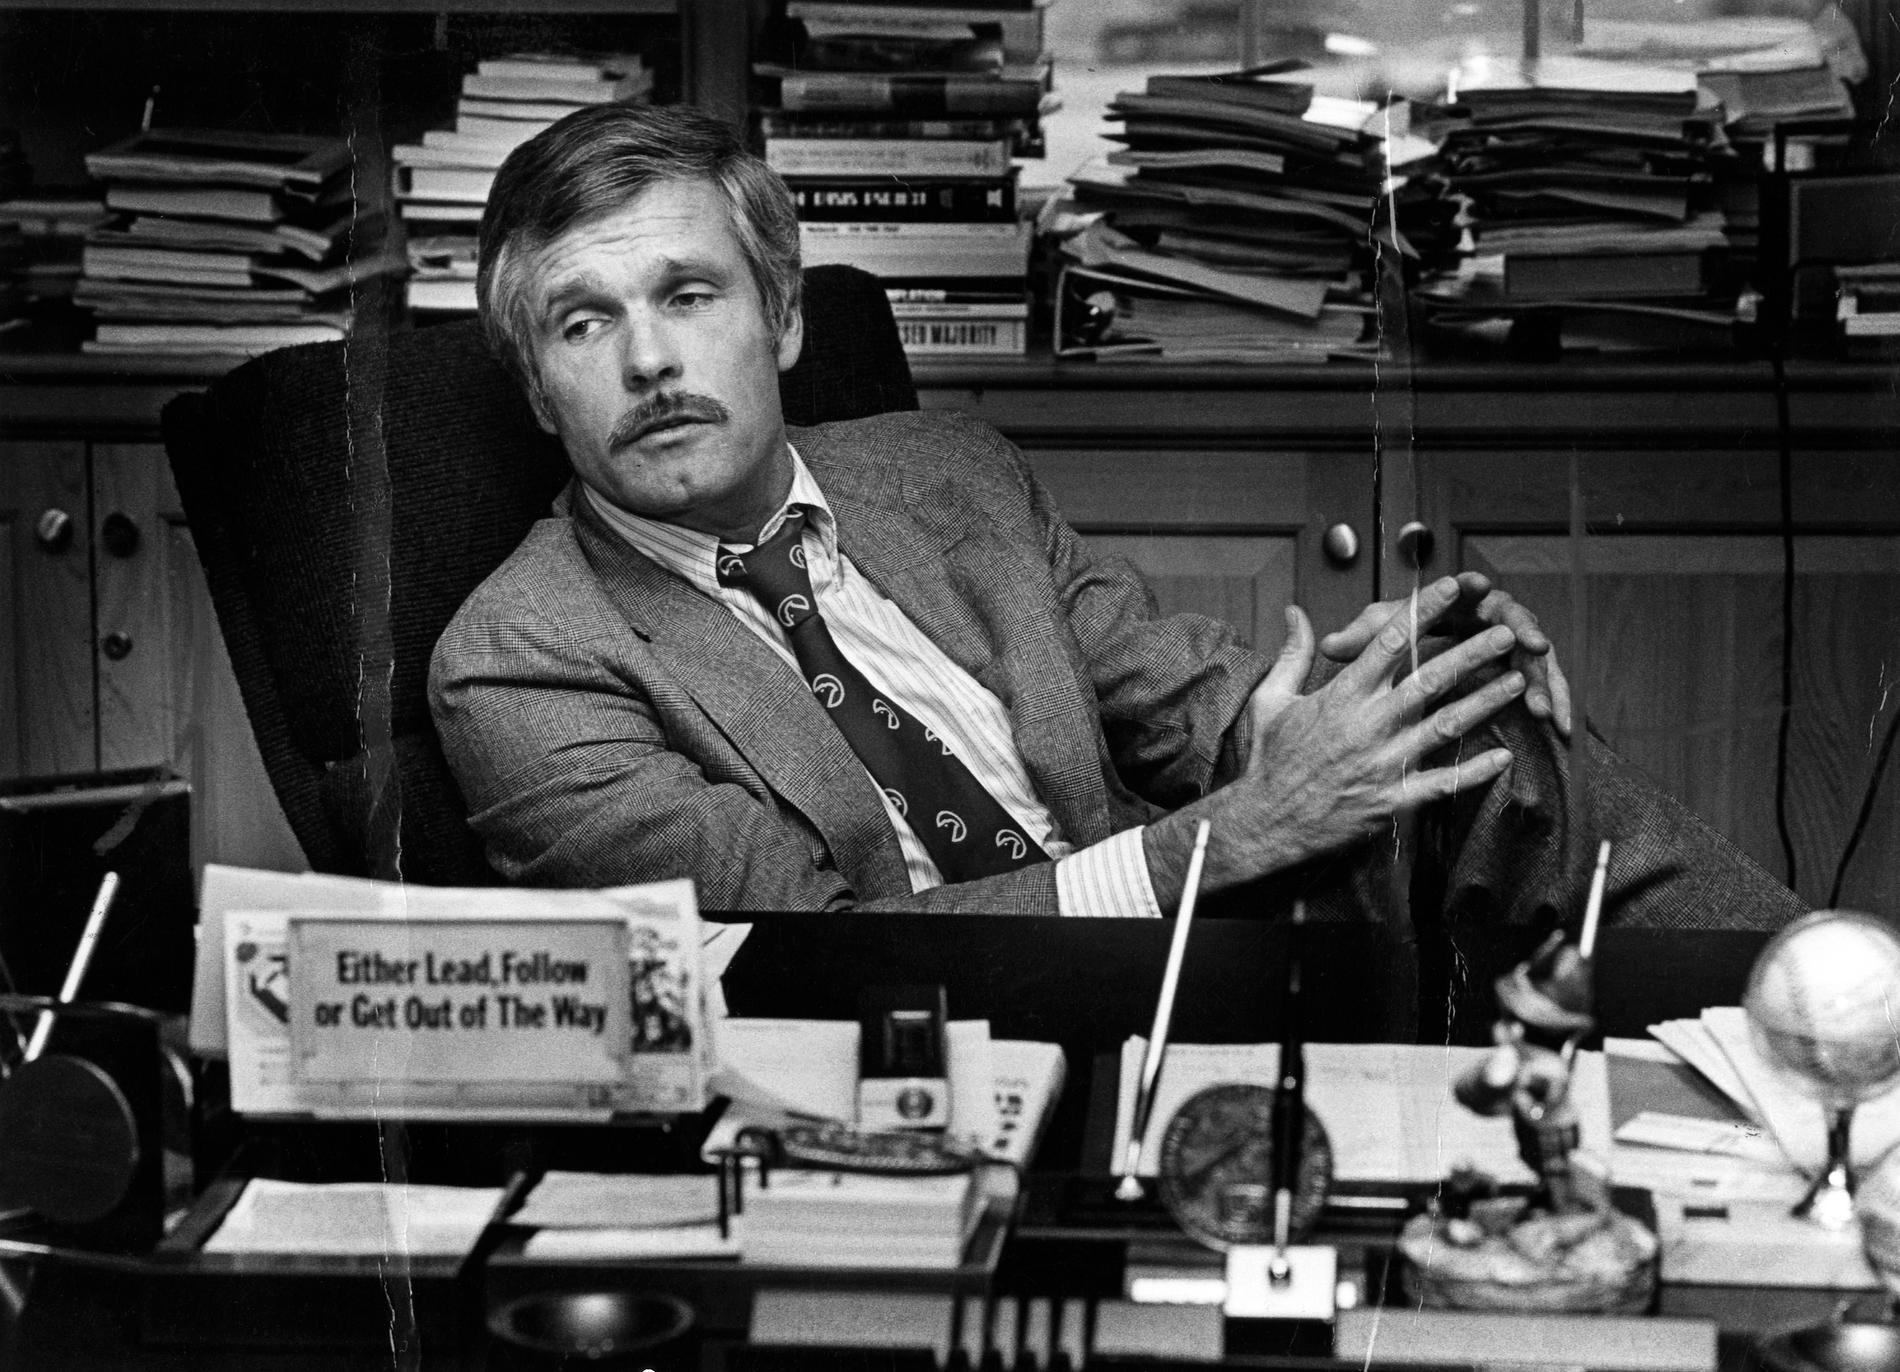 Ted Turner på CNN:s kontor 1982.